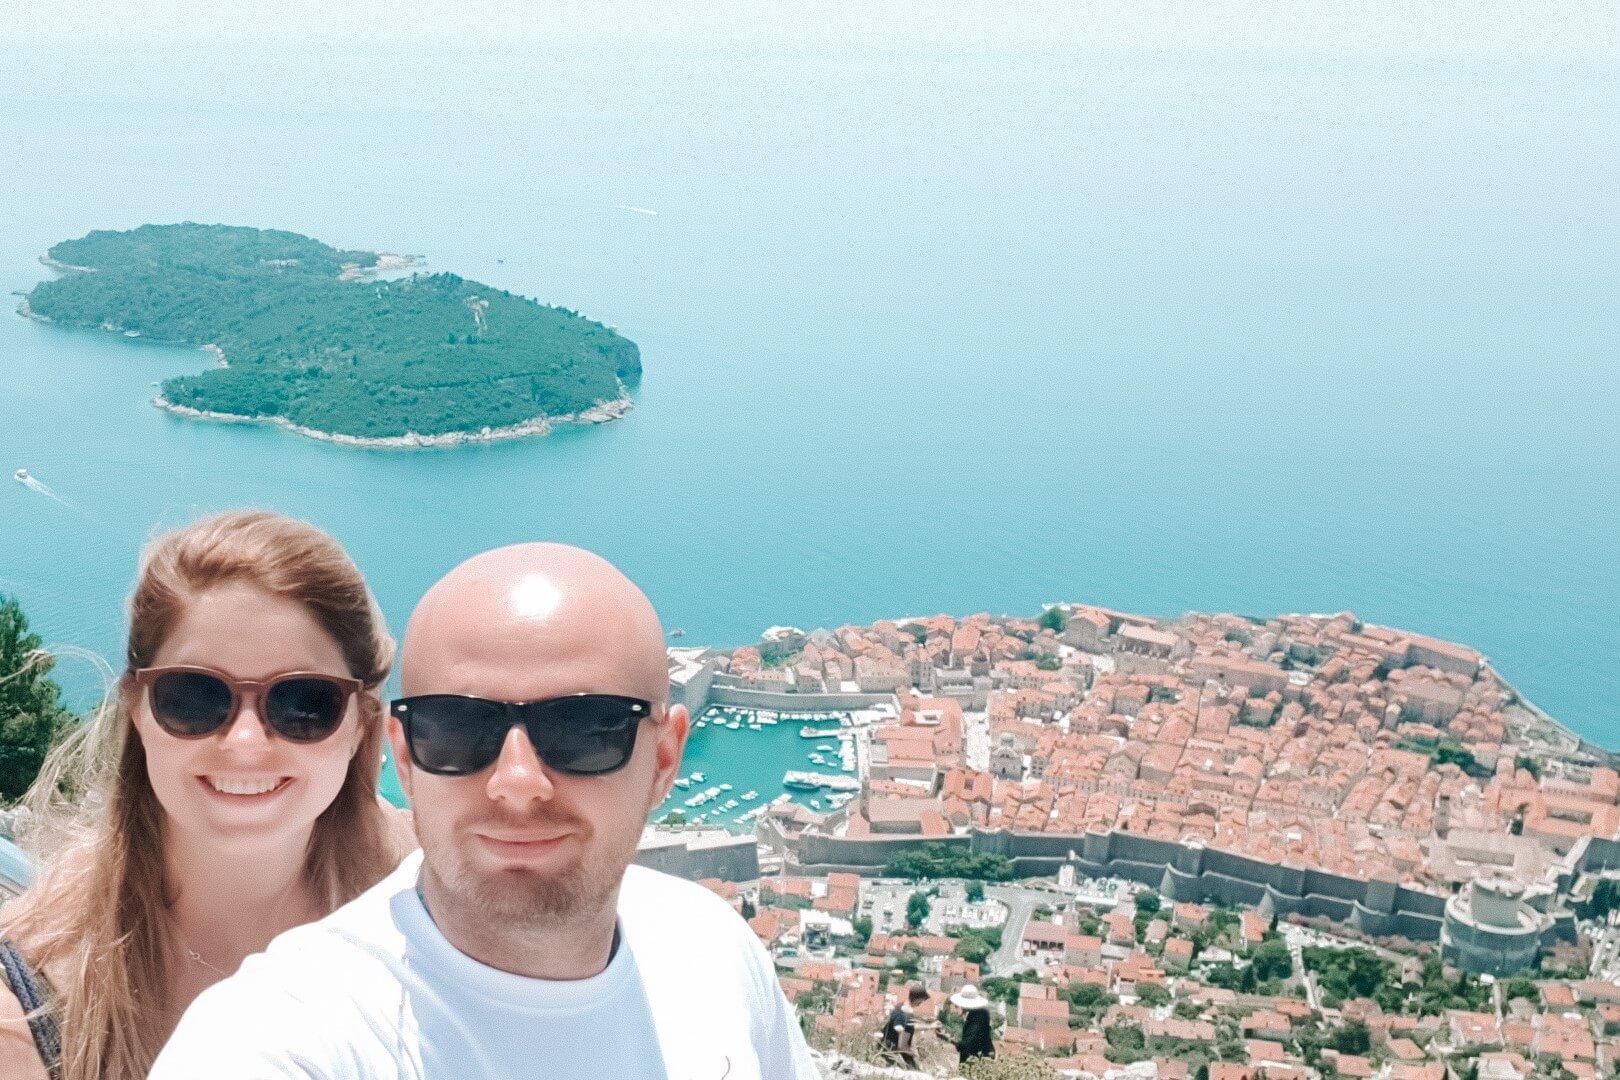 PAra w okularach na tle Dubrovnika, podróż przez Chorwację.